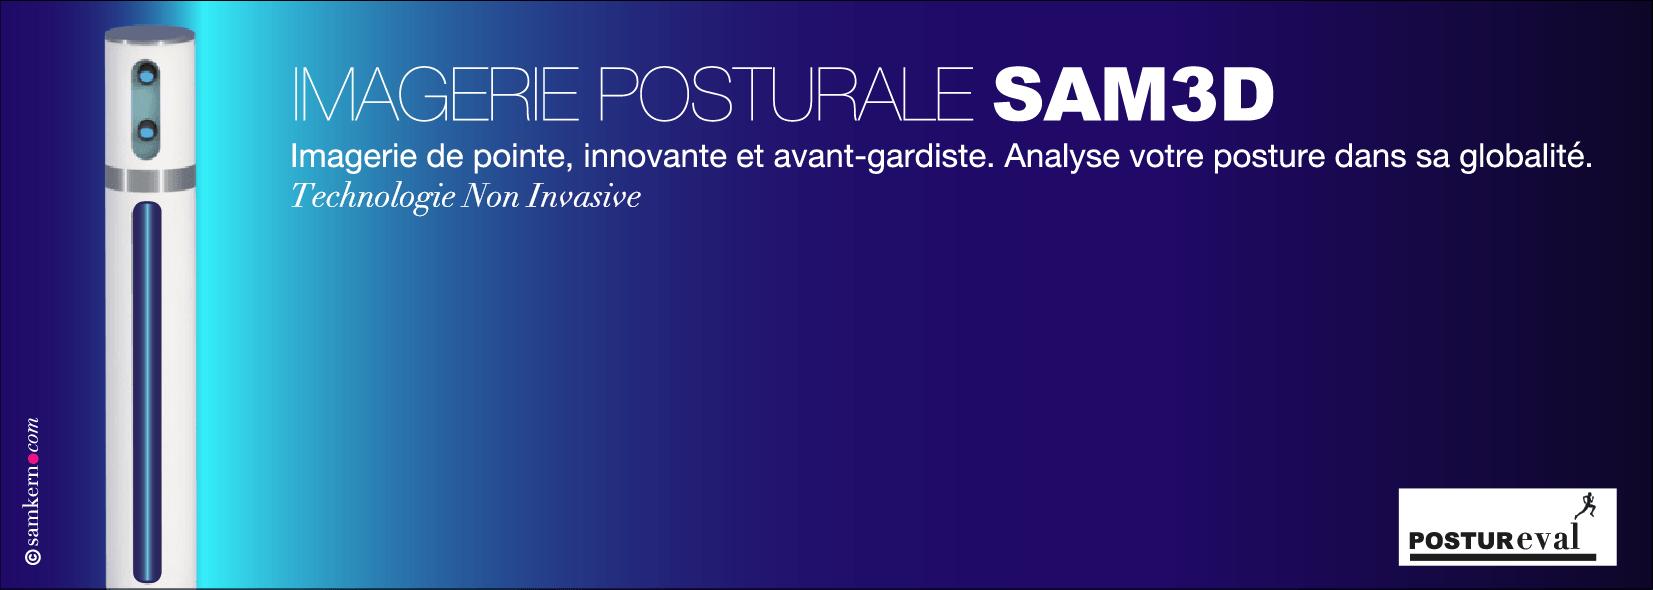 Evaluation de la Posture en Gironde, Lot et Garonne et Charente, l'équipe de POSTUREVAL vous accompagne à l'équipe de son équipe de spécialistes